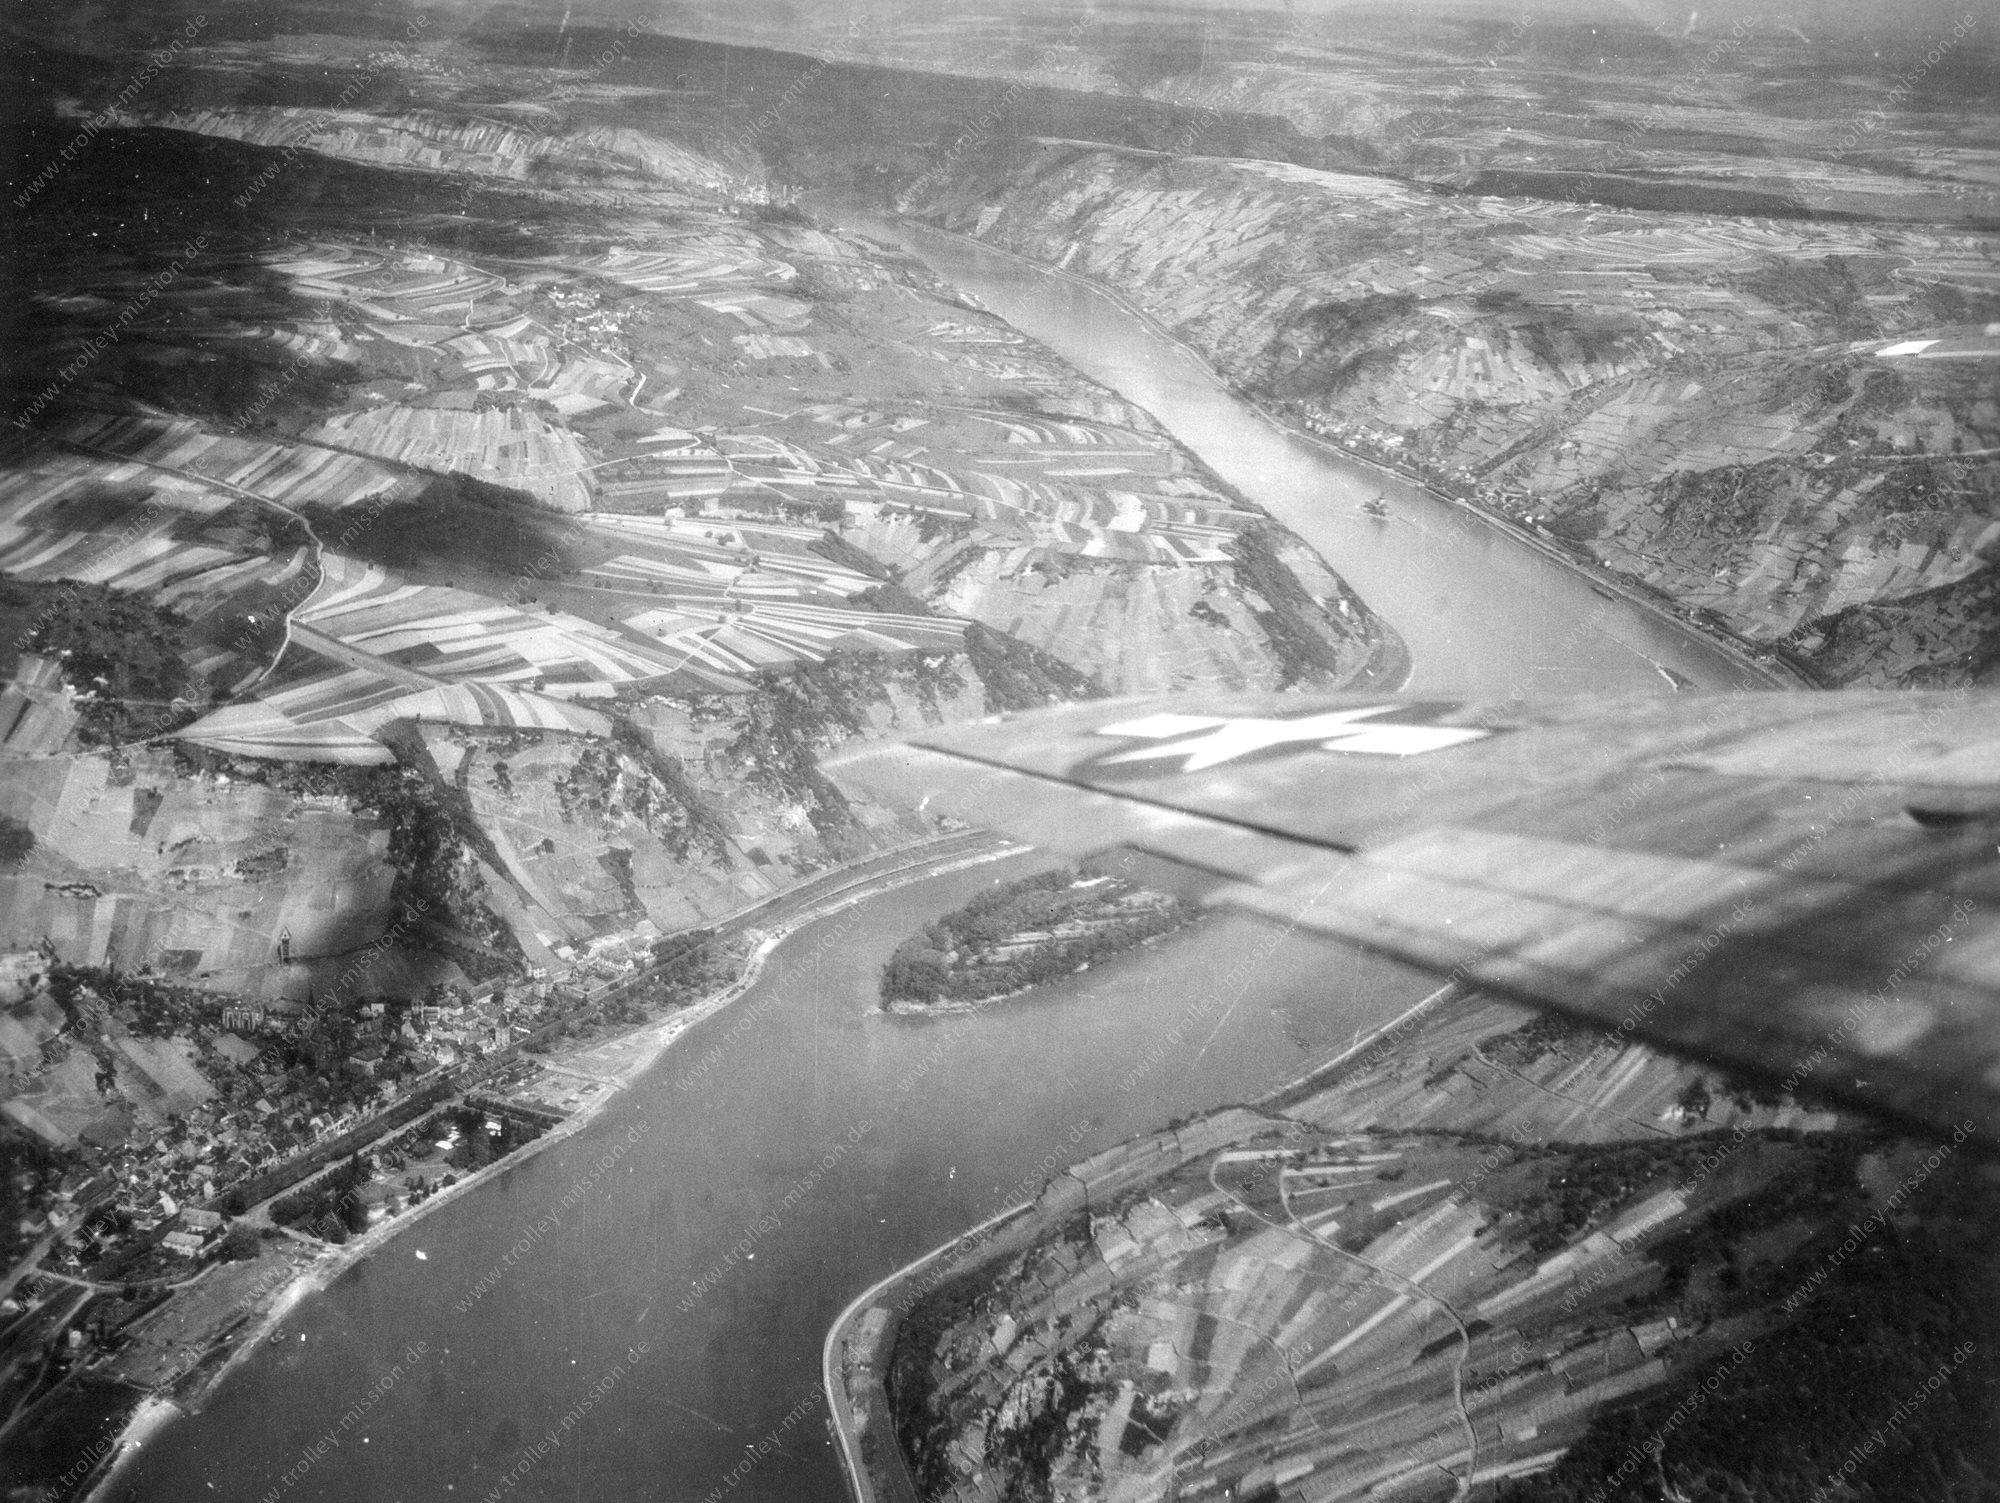 Luftbild von Bacharach am Rhein mit den Rheininseln Bacharacher Werth und Kauber Werth